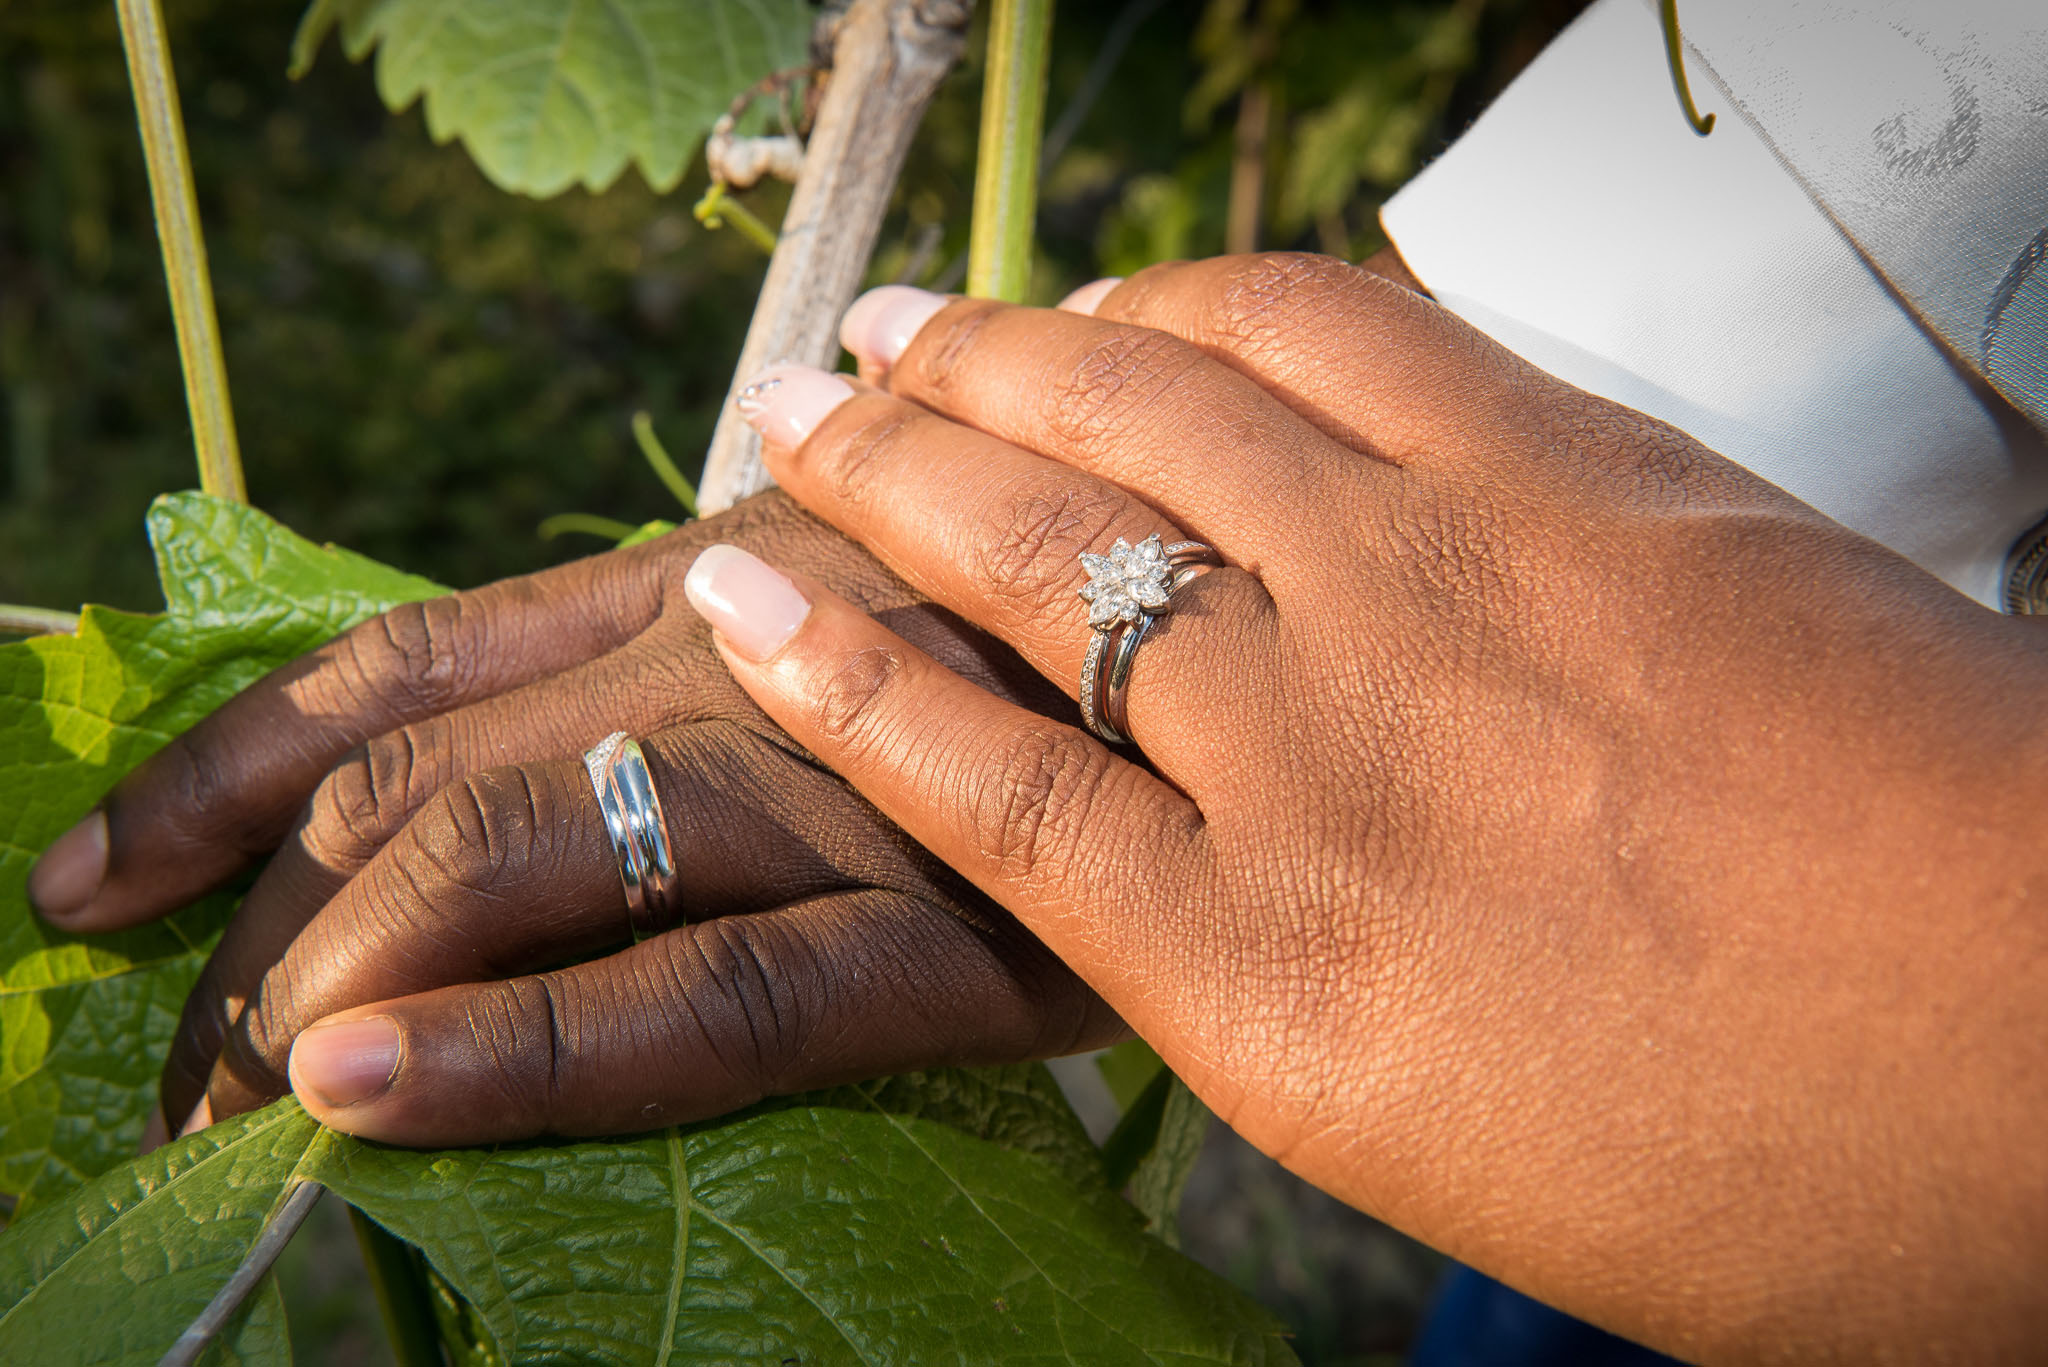 Matrimonio Nel Monferrato Dionne Dale - Wdding Matrimono Emanuele Tibaldi Fotografo 4 - Anelli-fedi-nunziali-matrimonio - Anelli-fedi-nunziali-matrimonio